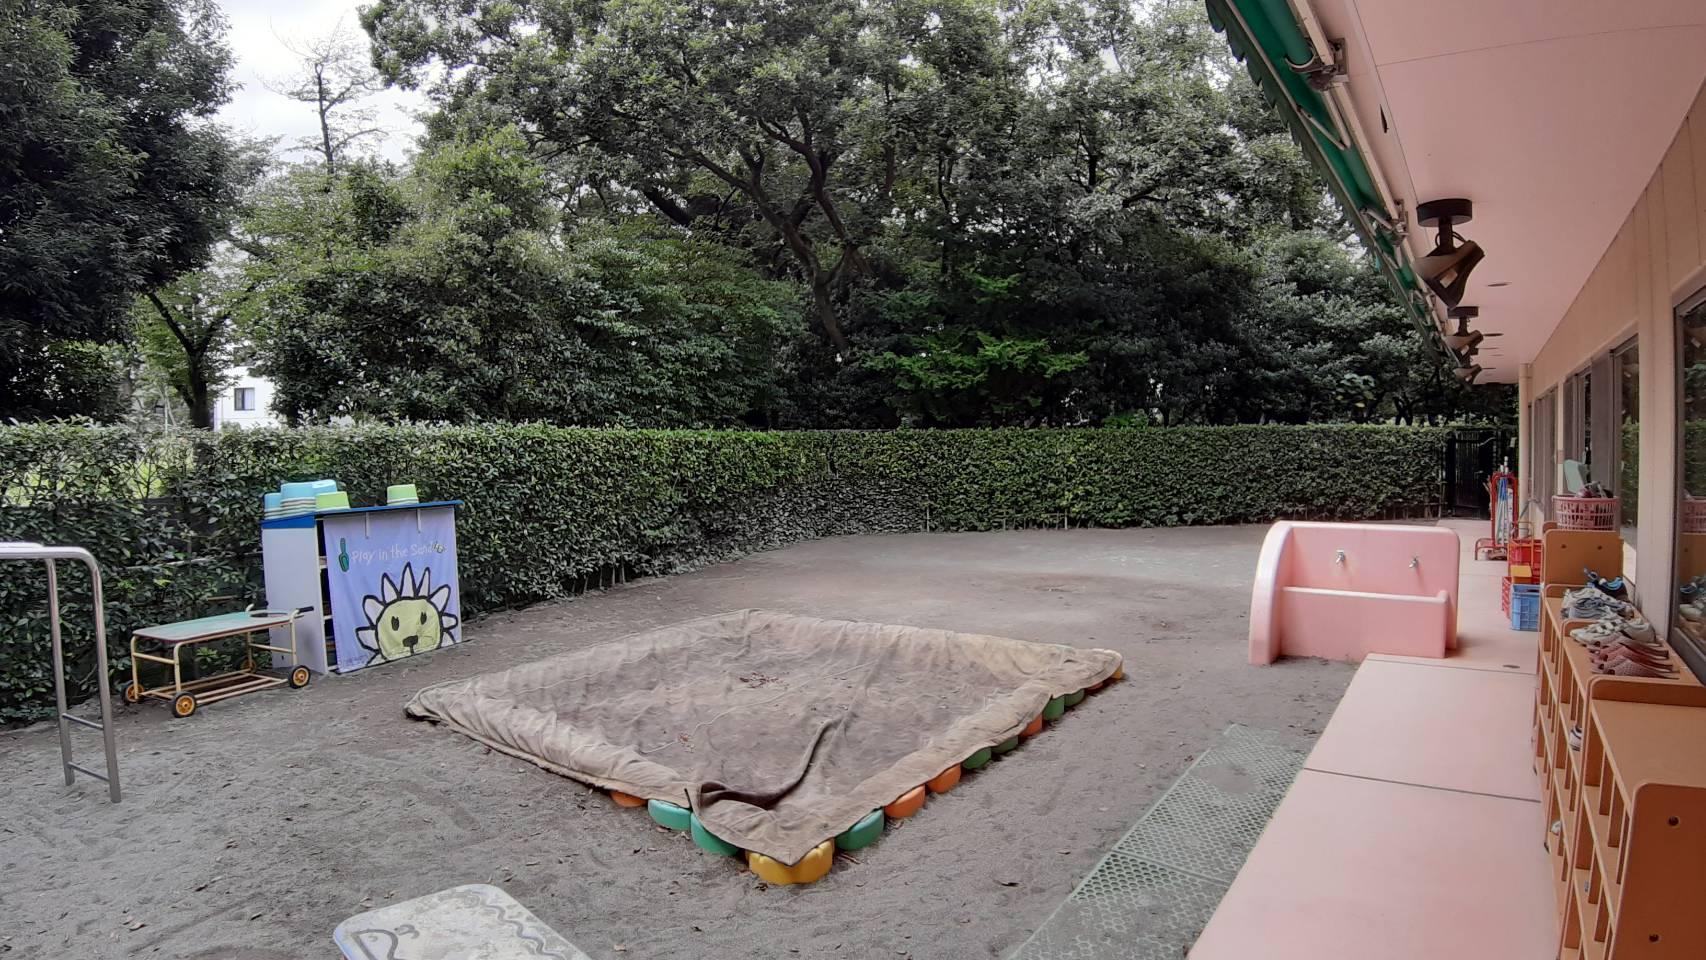 主に砂遊びなどをする園庭です。大きなたくさん木に囲まれており、セミの声が聞こえる素敵な環境でした^^